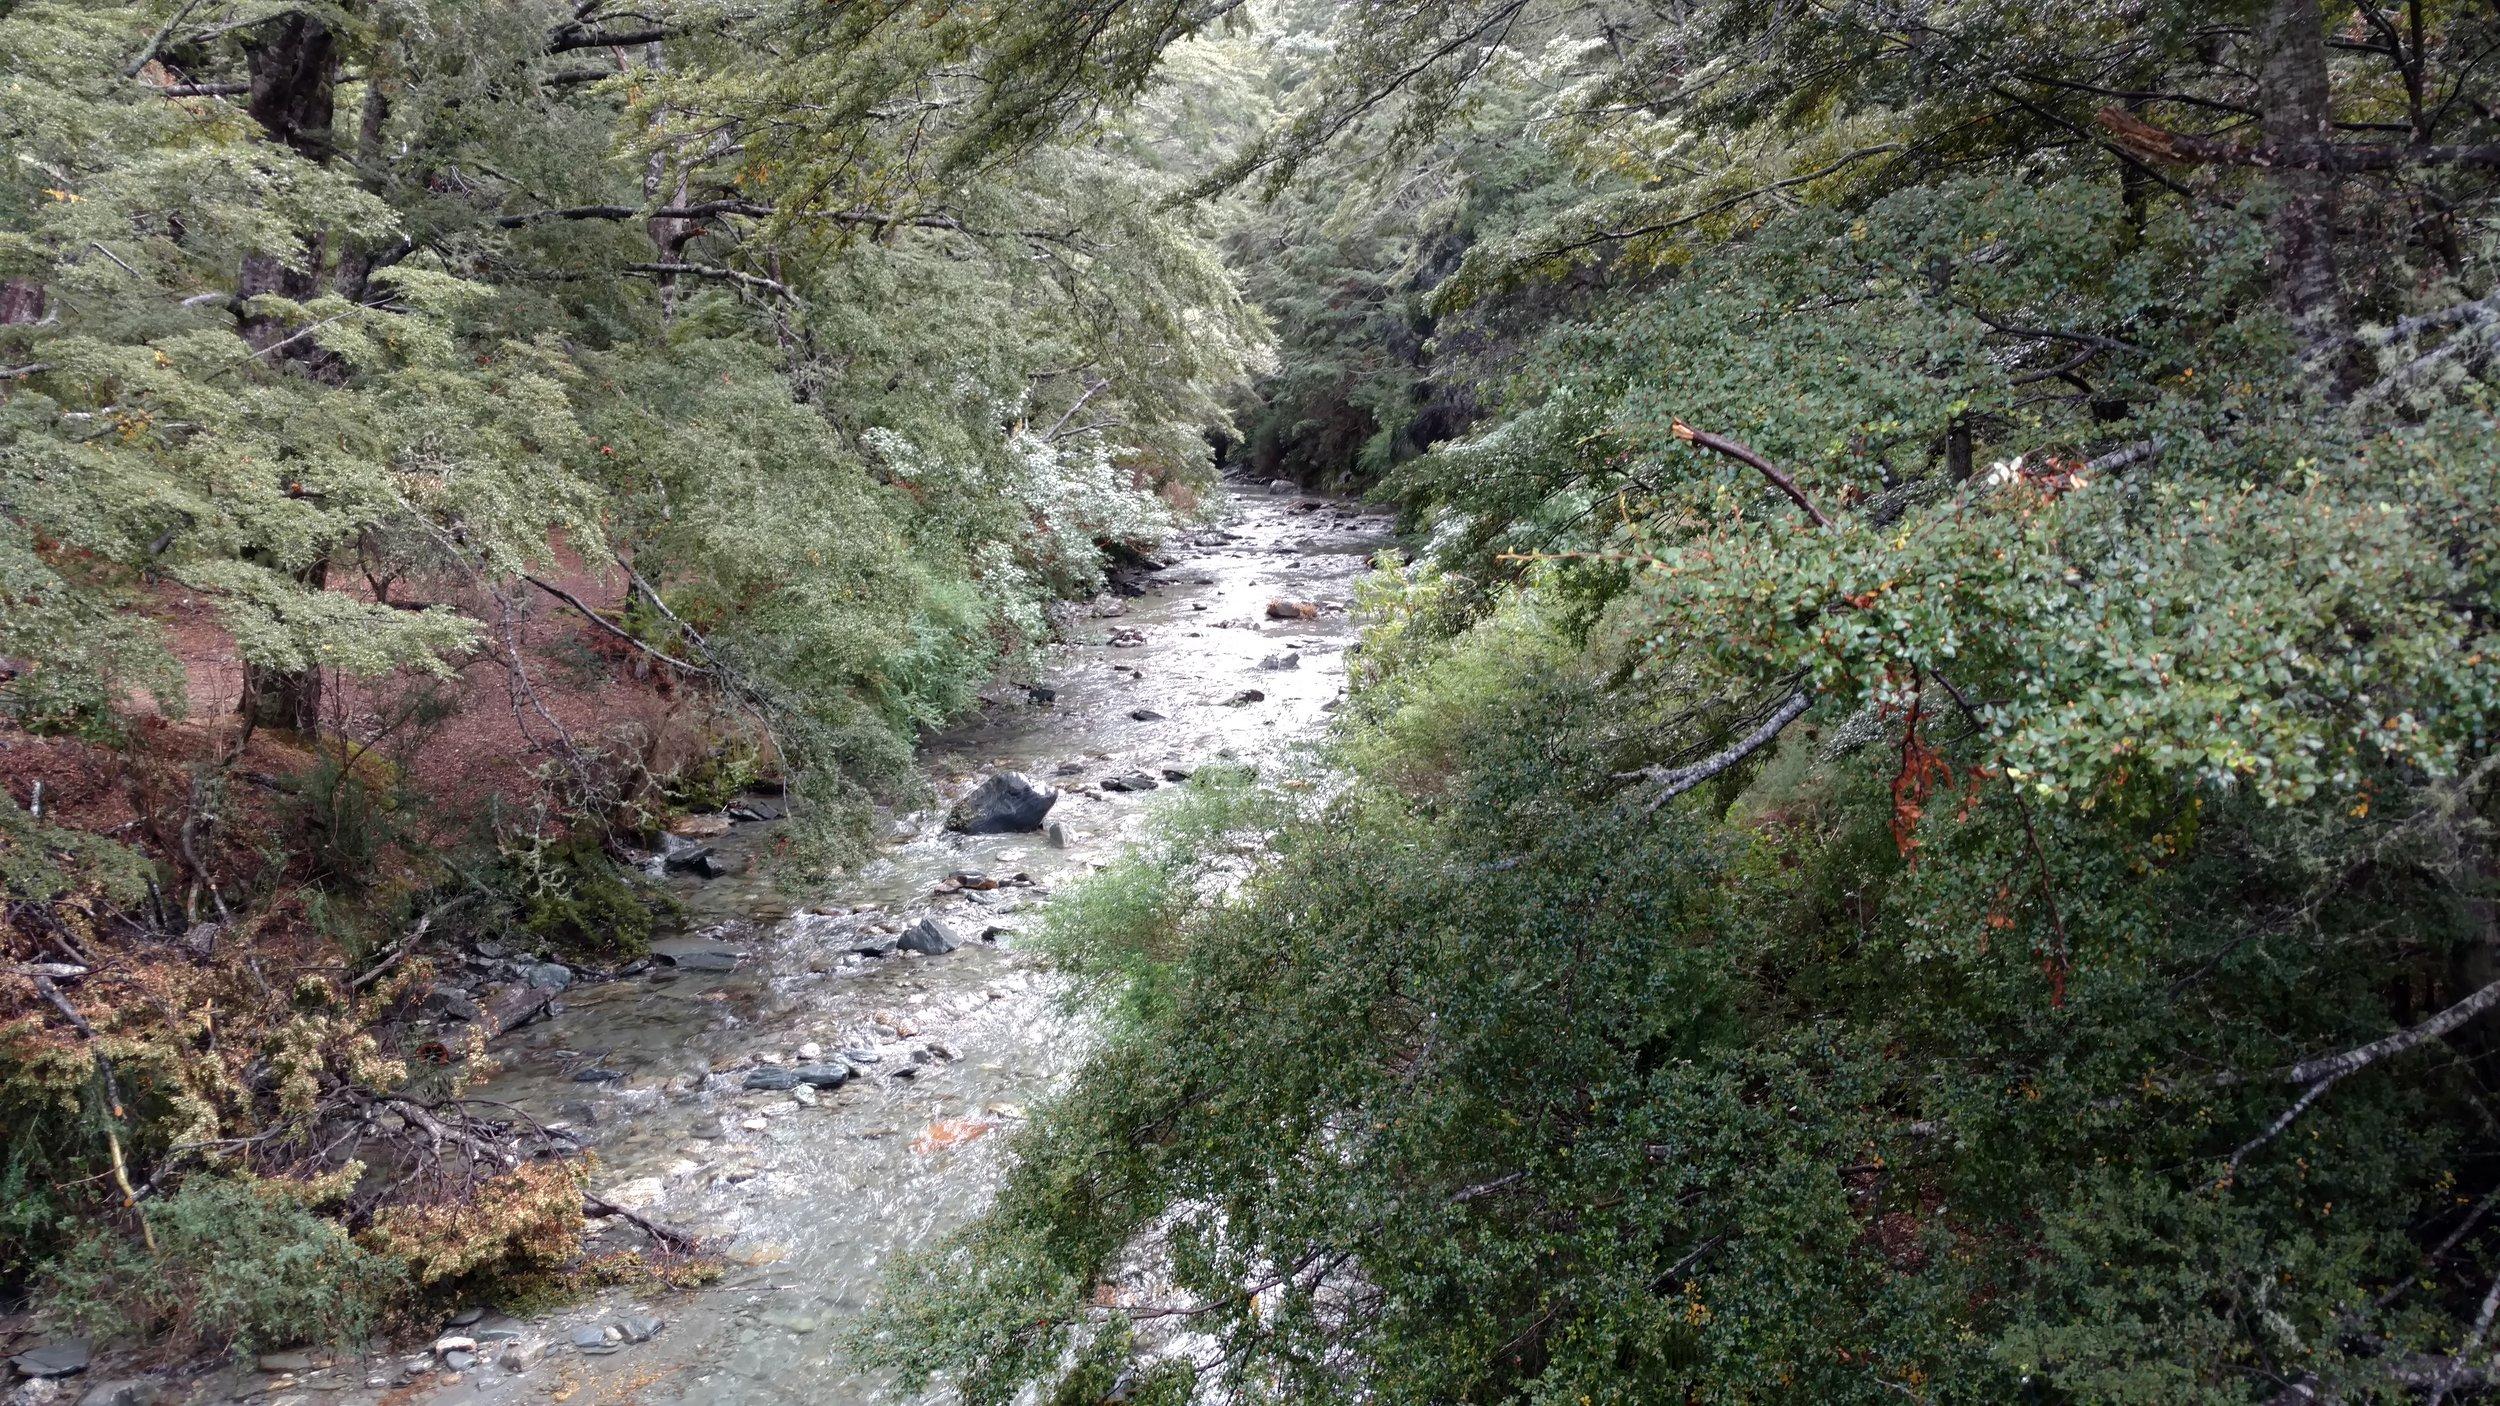 Trail view of canyon creek